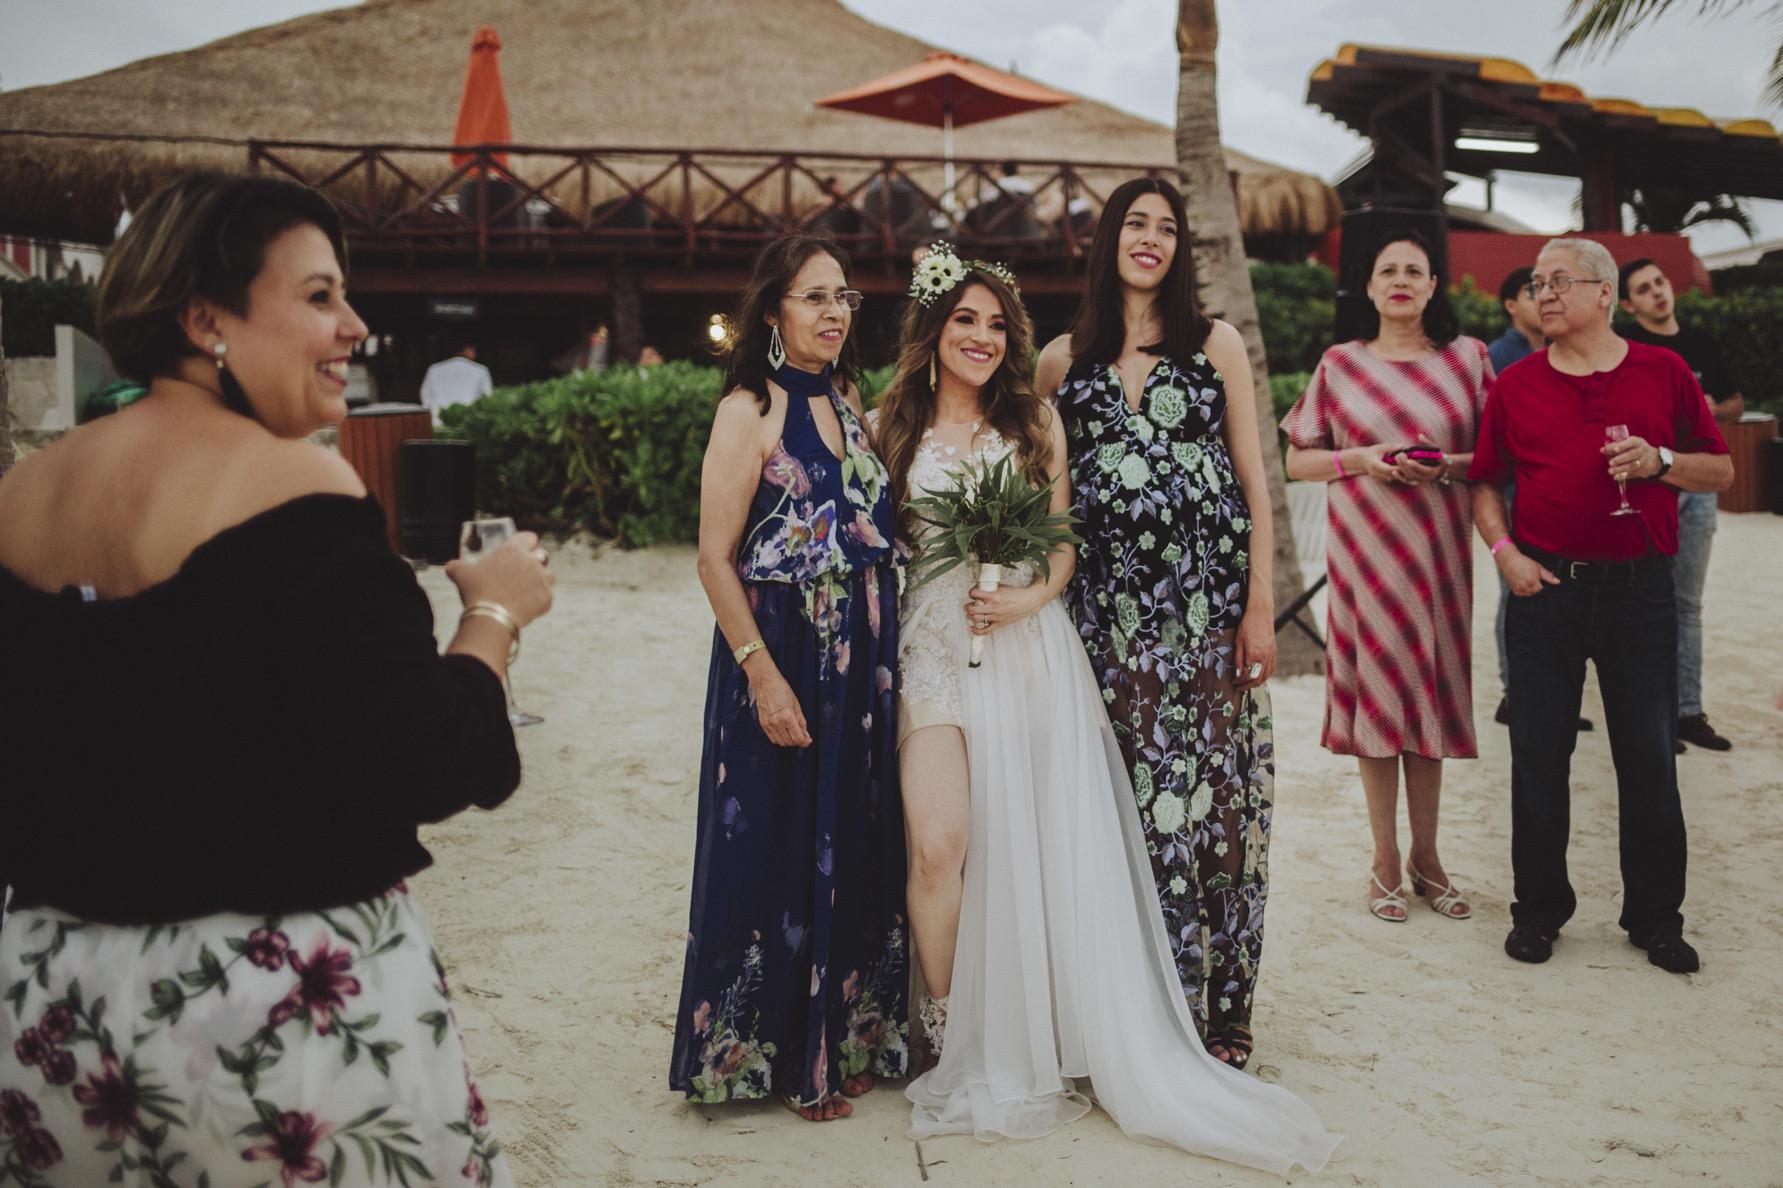 fotografo_bodas_profesional_zacatecas_riviera_maya_cancun-106